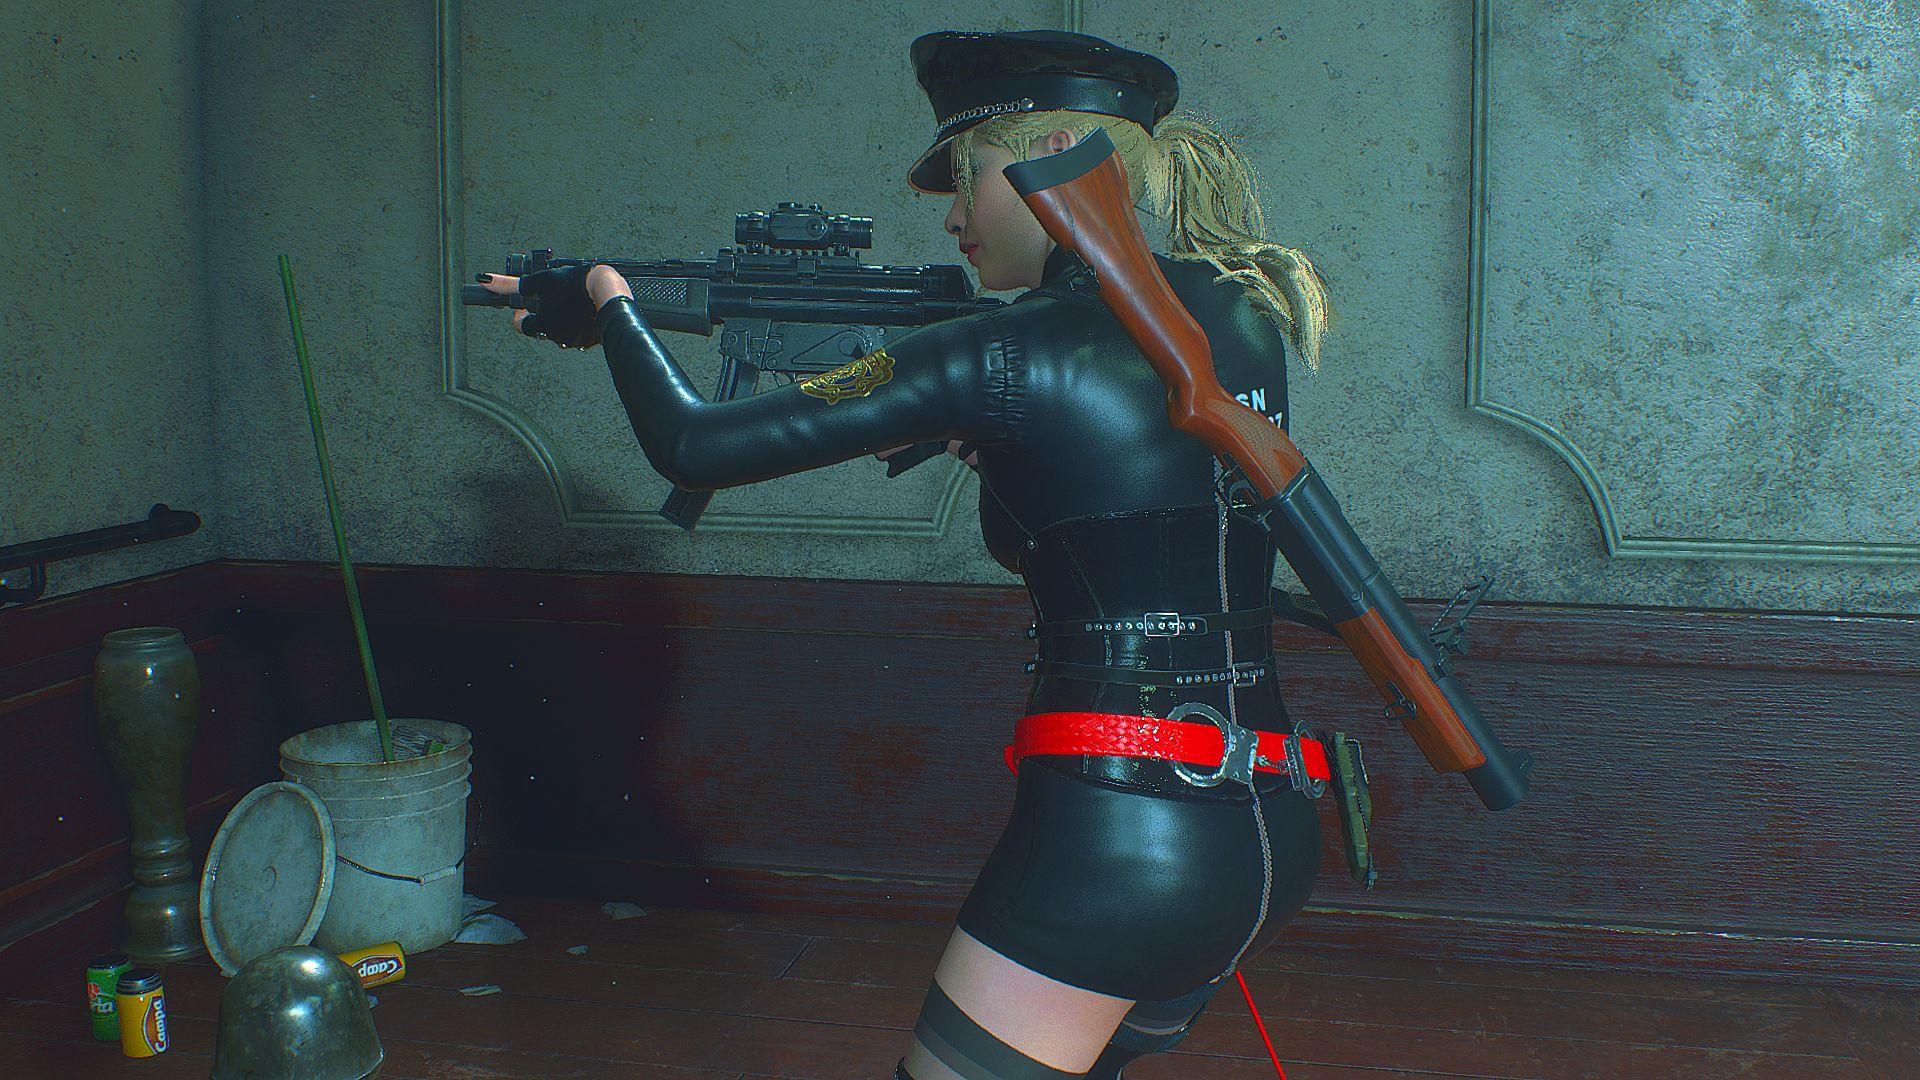 000104.Jpg - Resident Evil 2